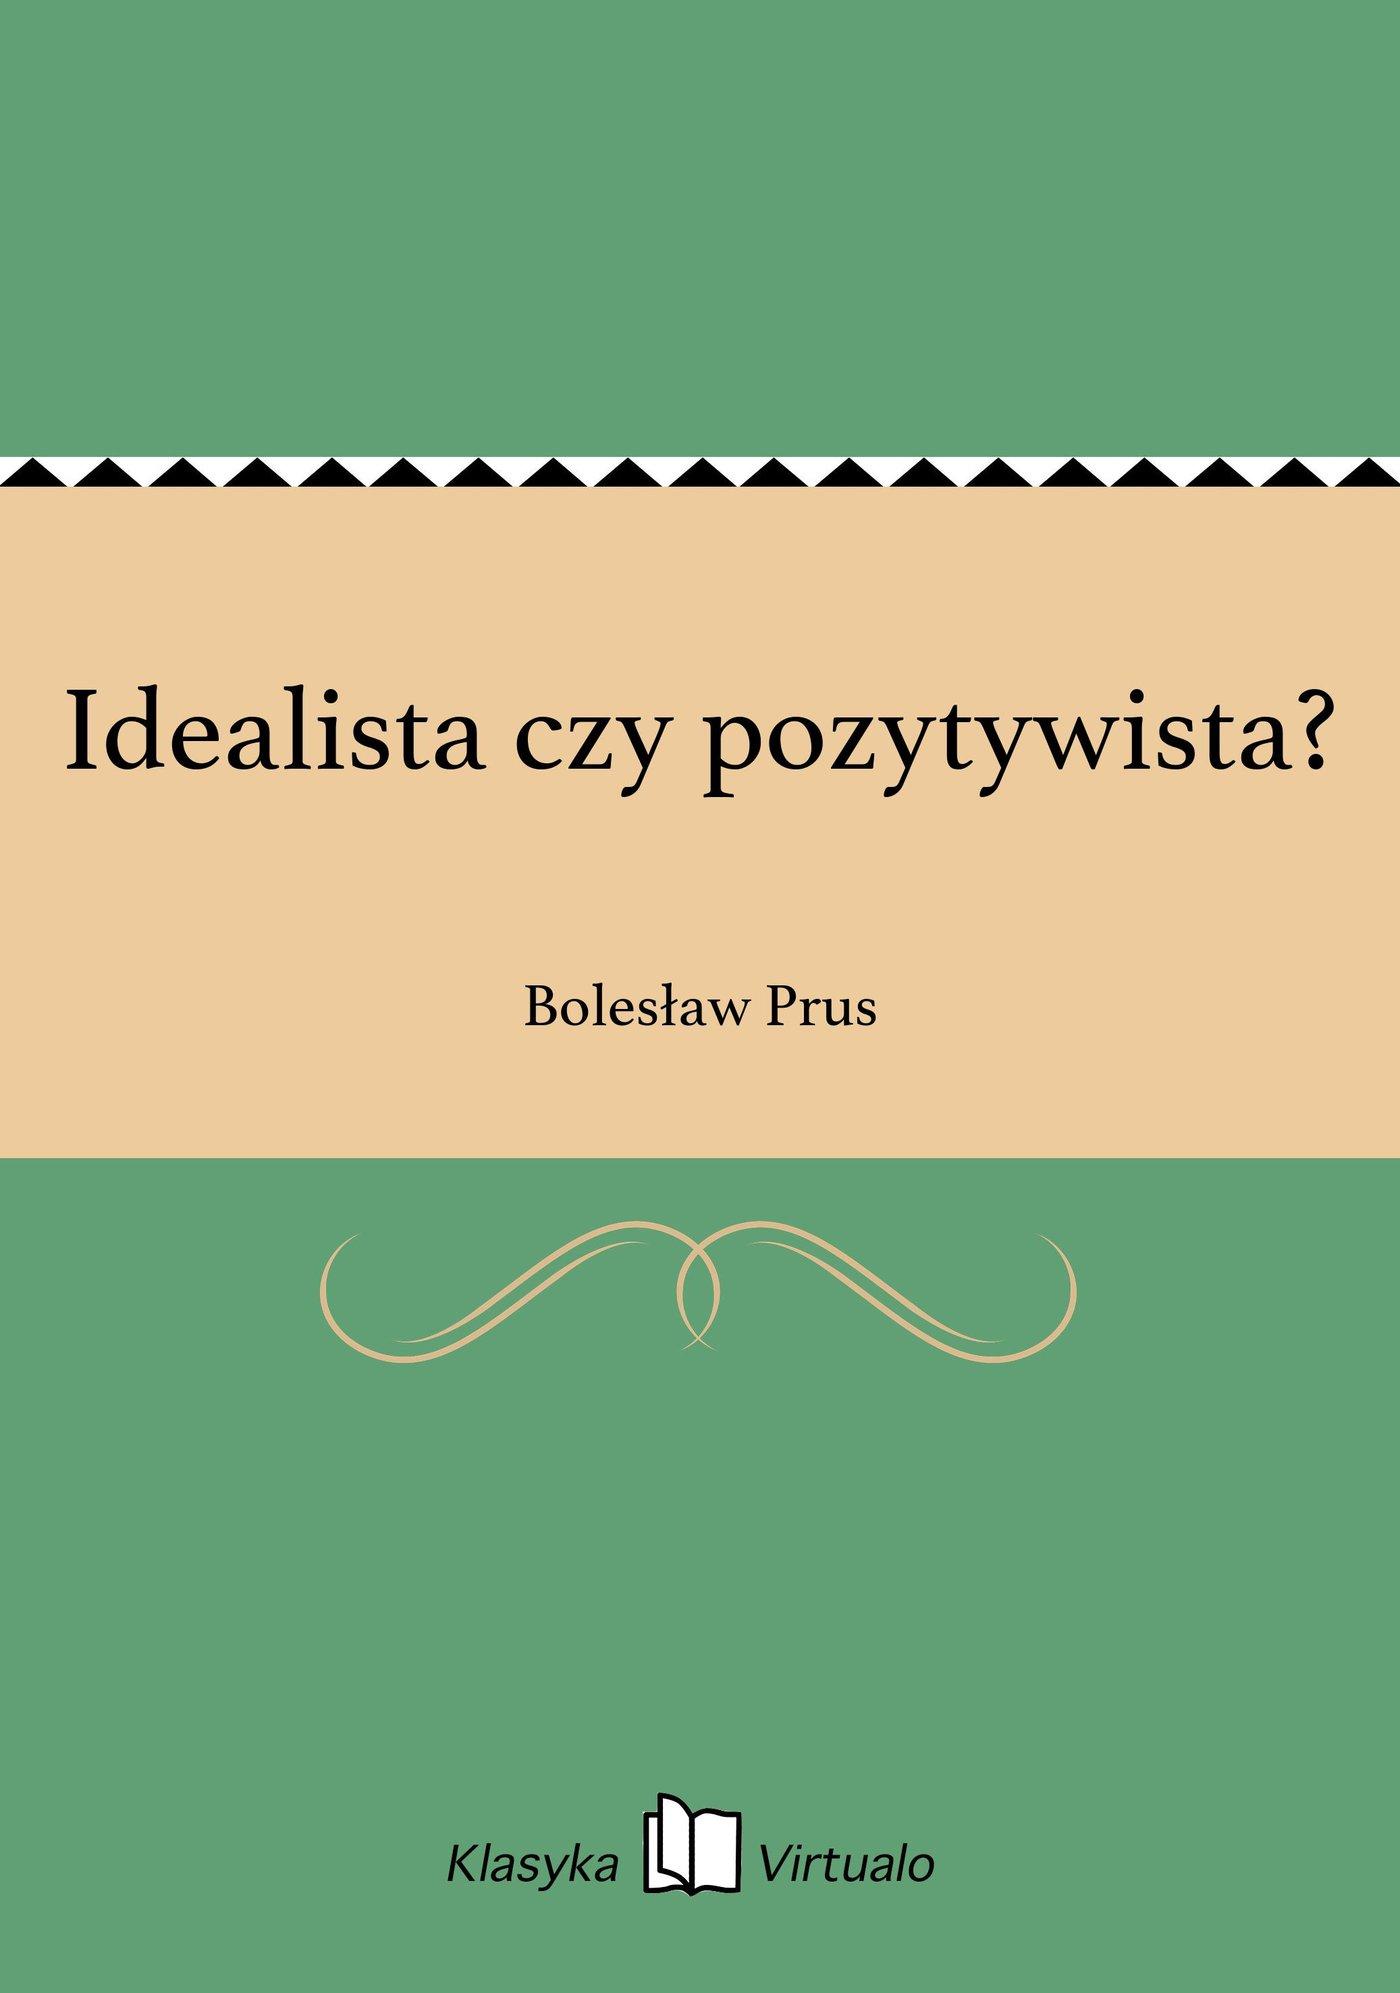 Idealista czy pozytywista? - Ebook (Książka EPUB) do pobrania w formacie EPUB